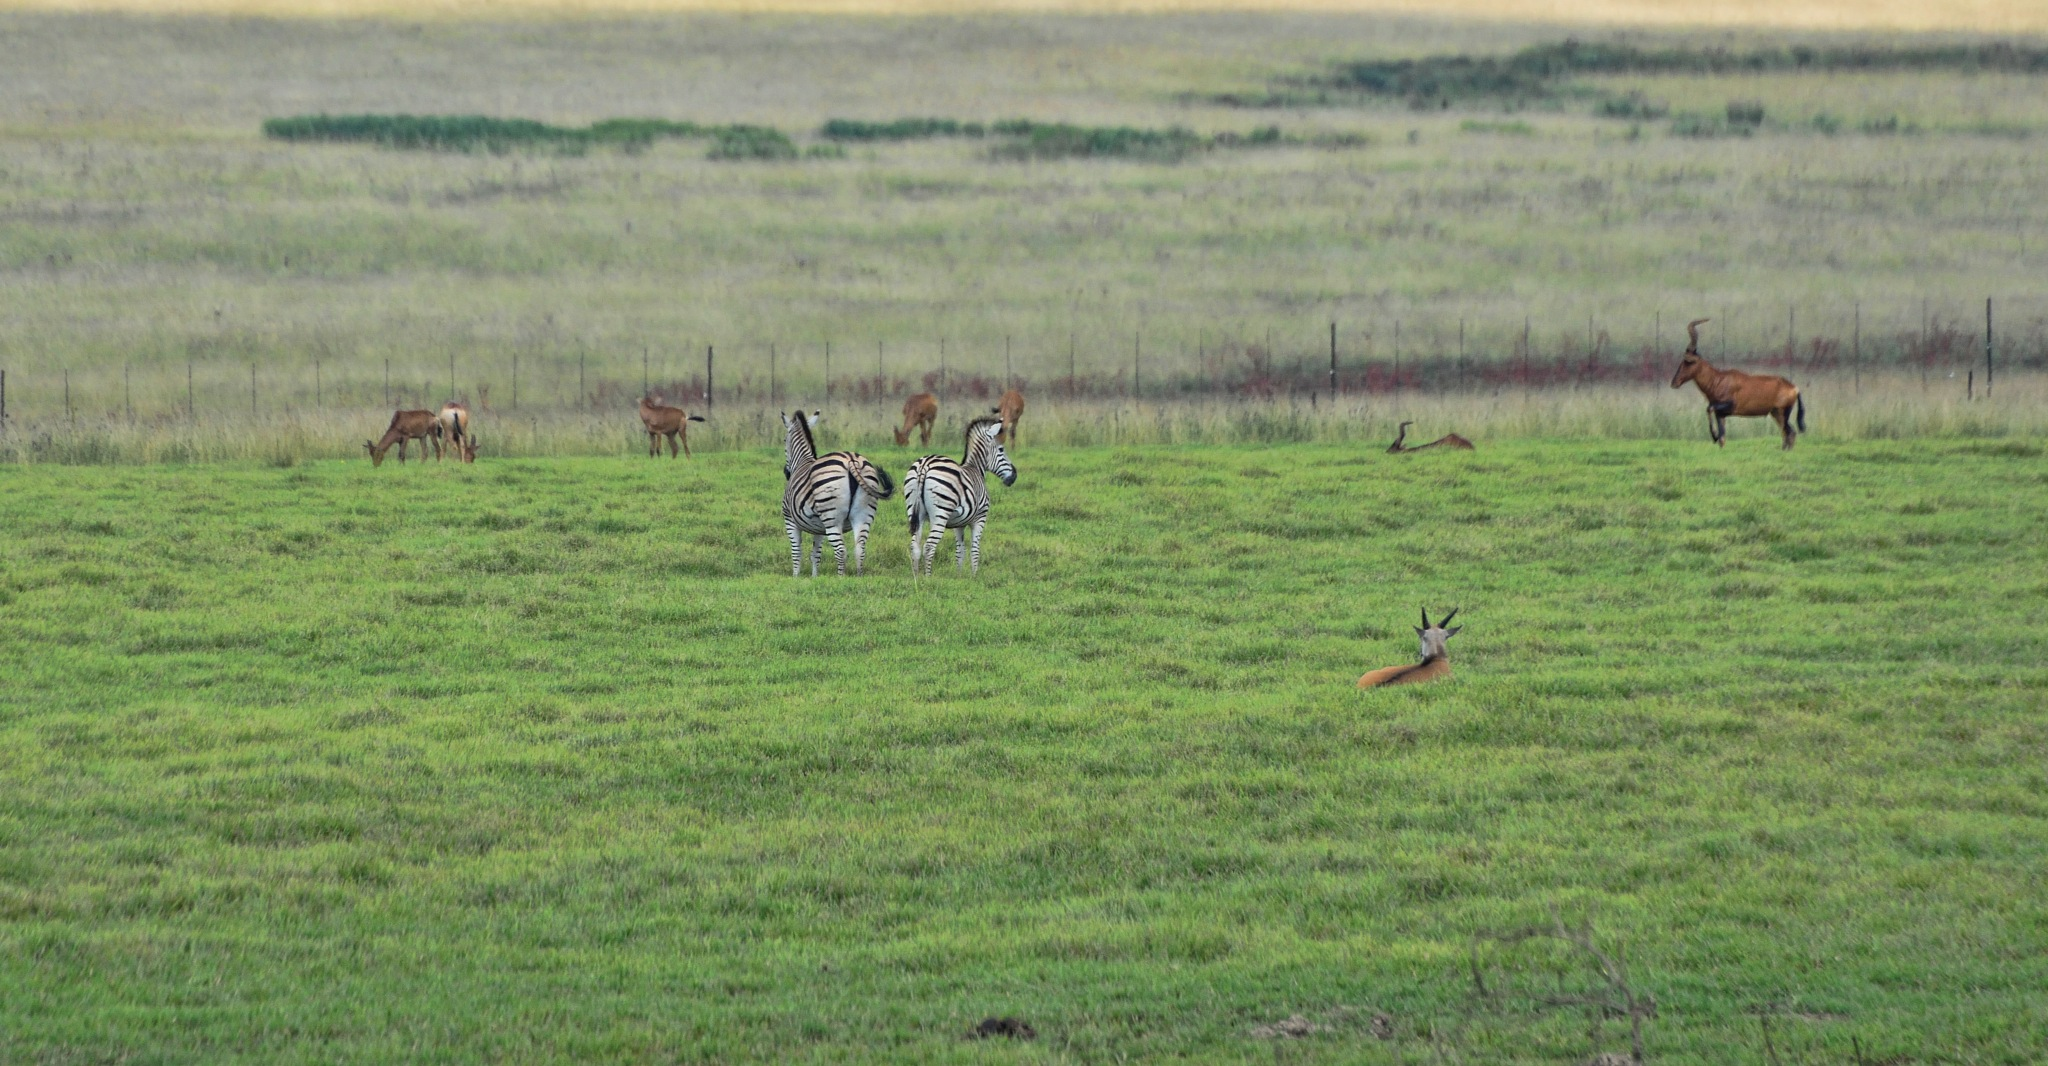 South Africa - Animals (446) Steenbok and Zebra by Derek Clarke